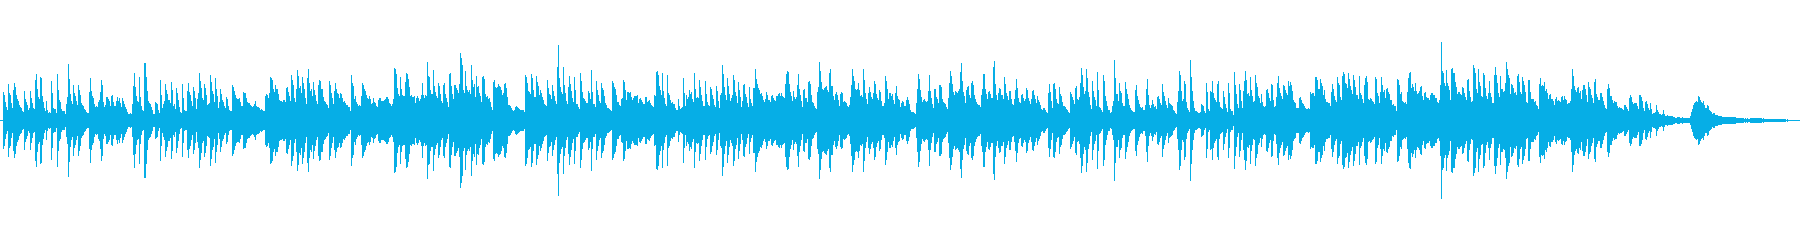 童謡「赤とんぼ」ピアノソロ和風ヒーリングの再生済みの波形